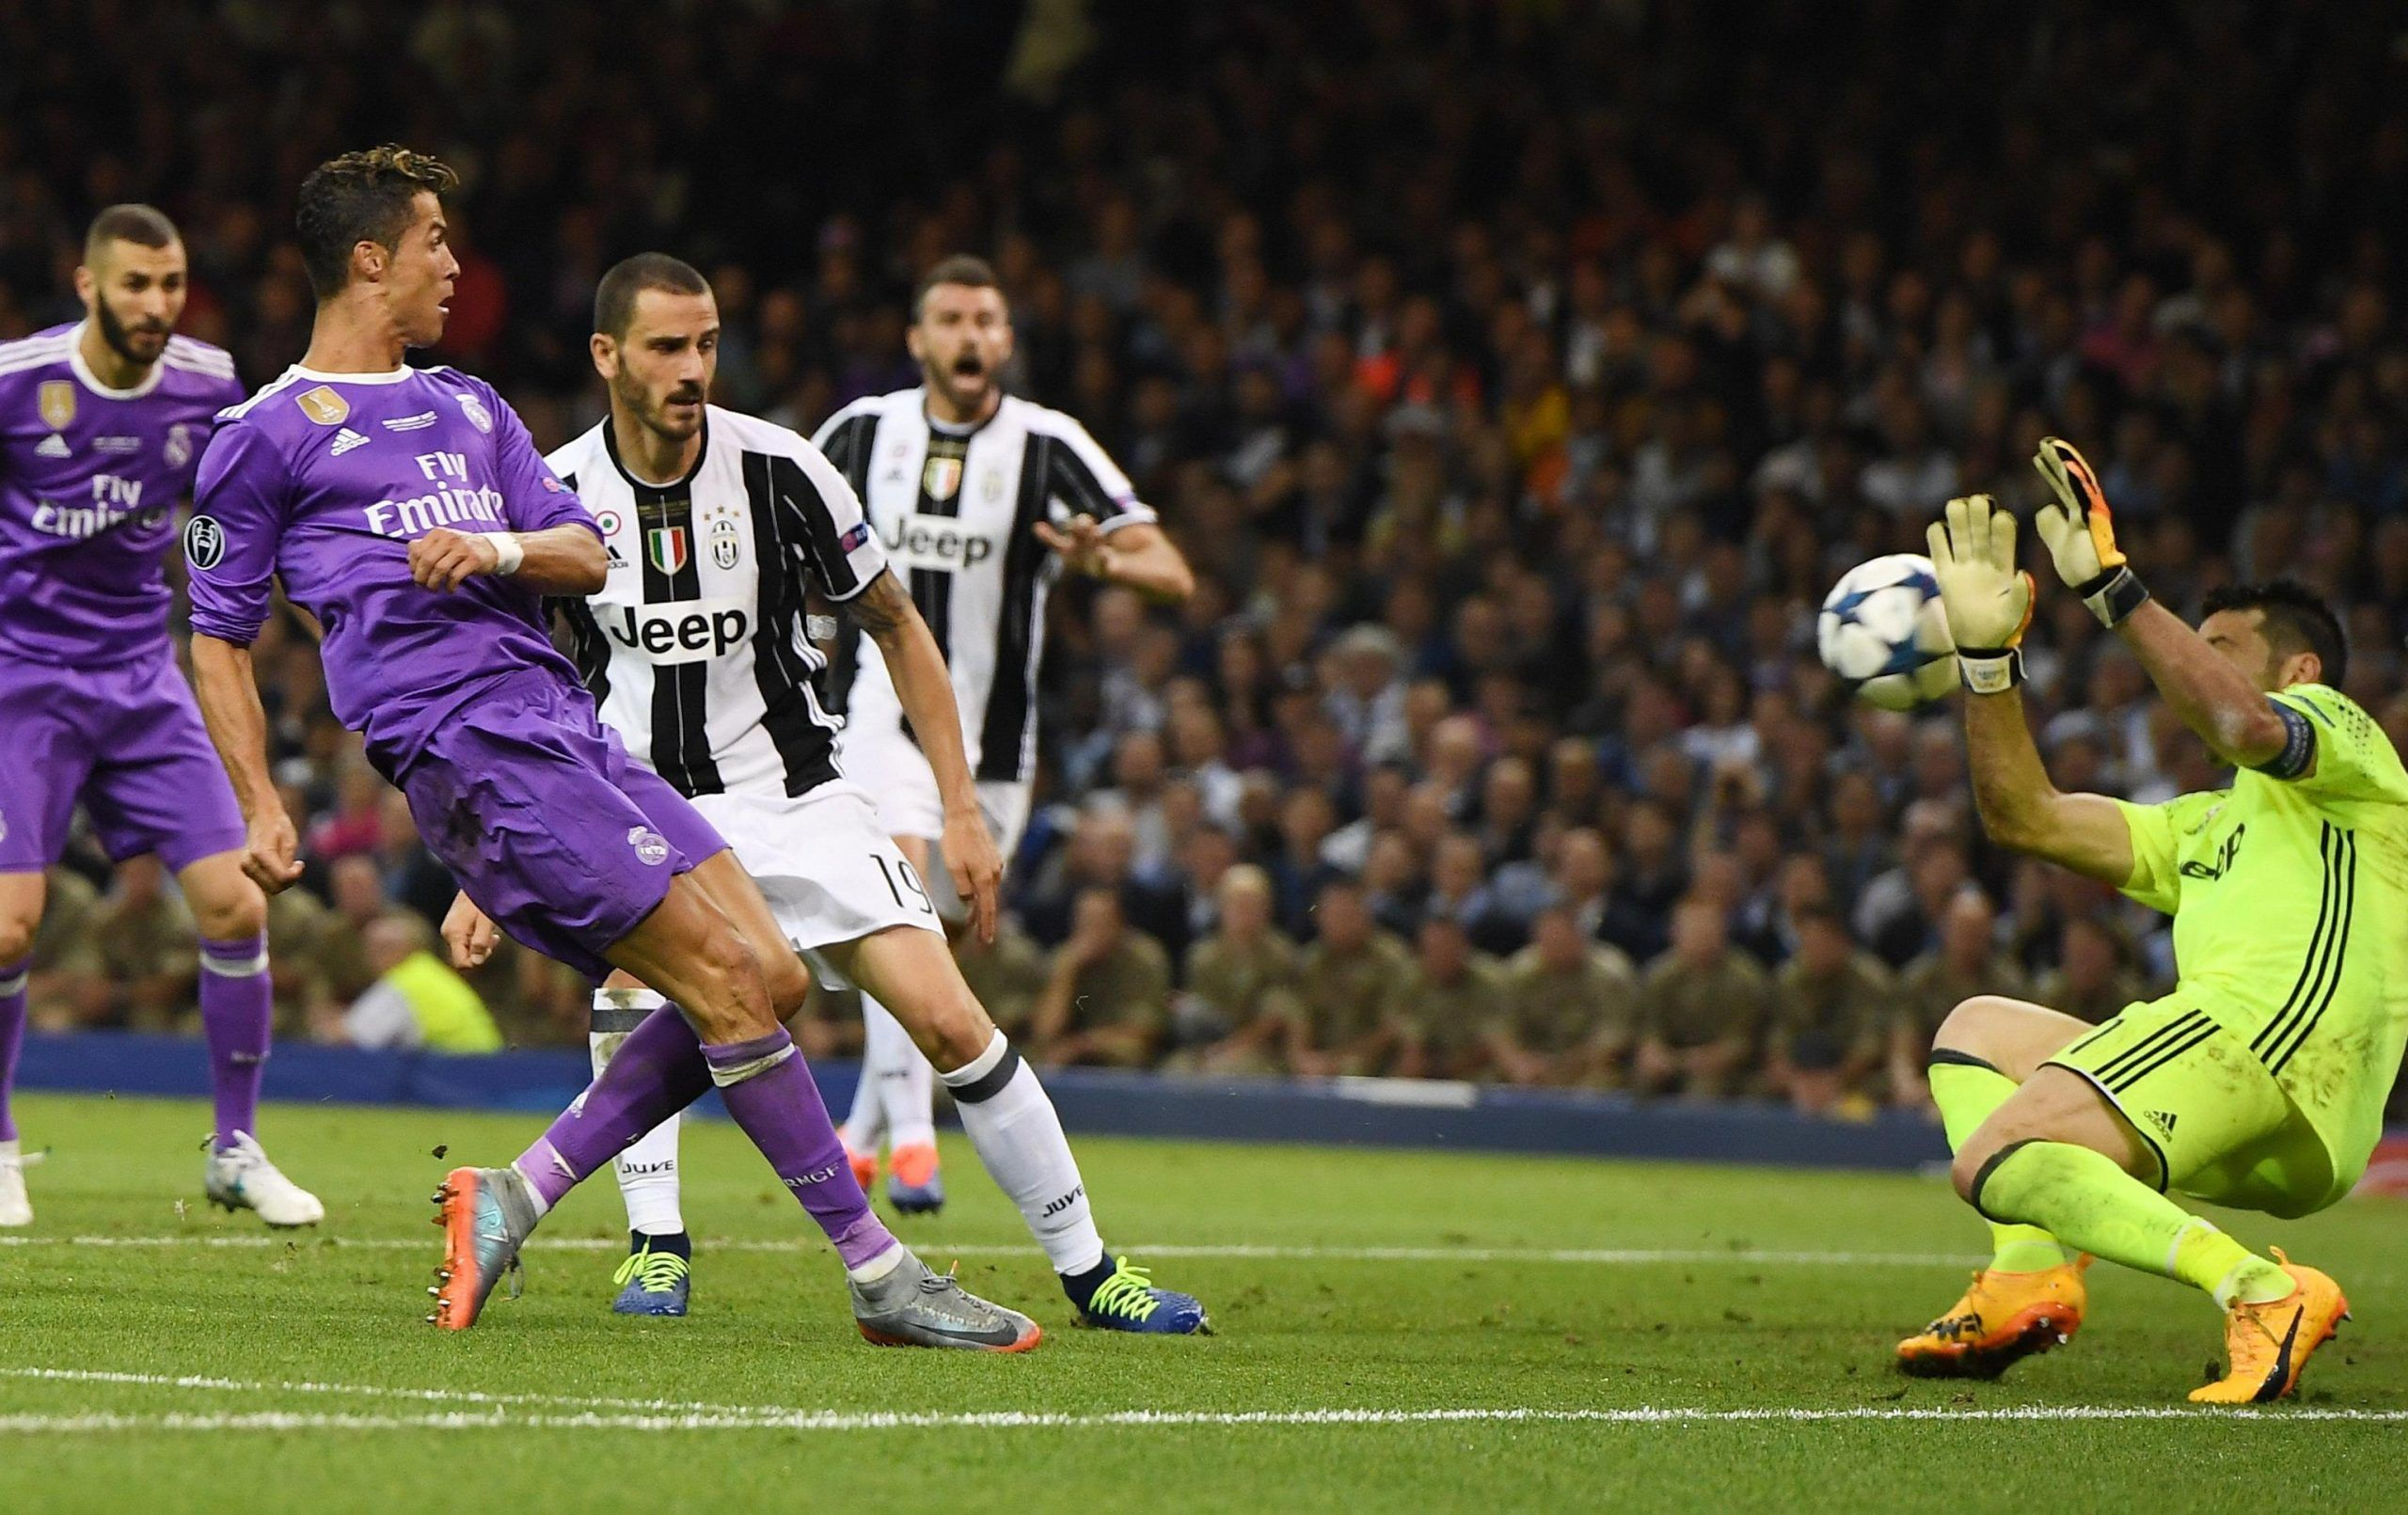 Sorteggi quarti di finale Champions League: brutta tegola per Juve e Roma